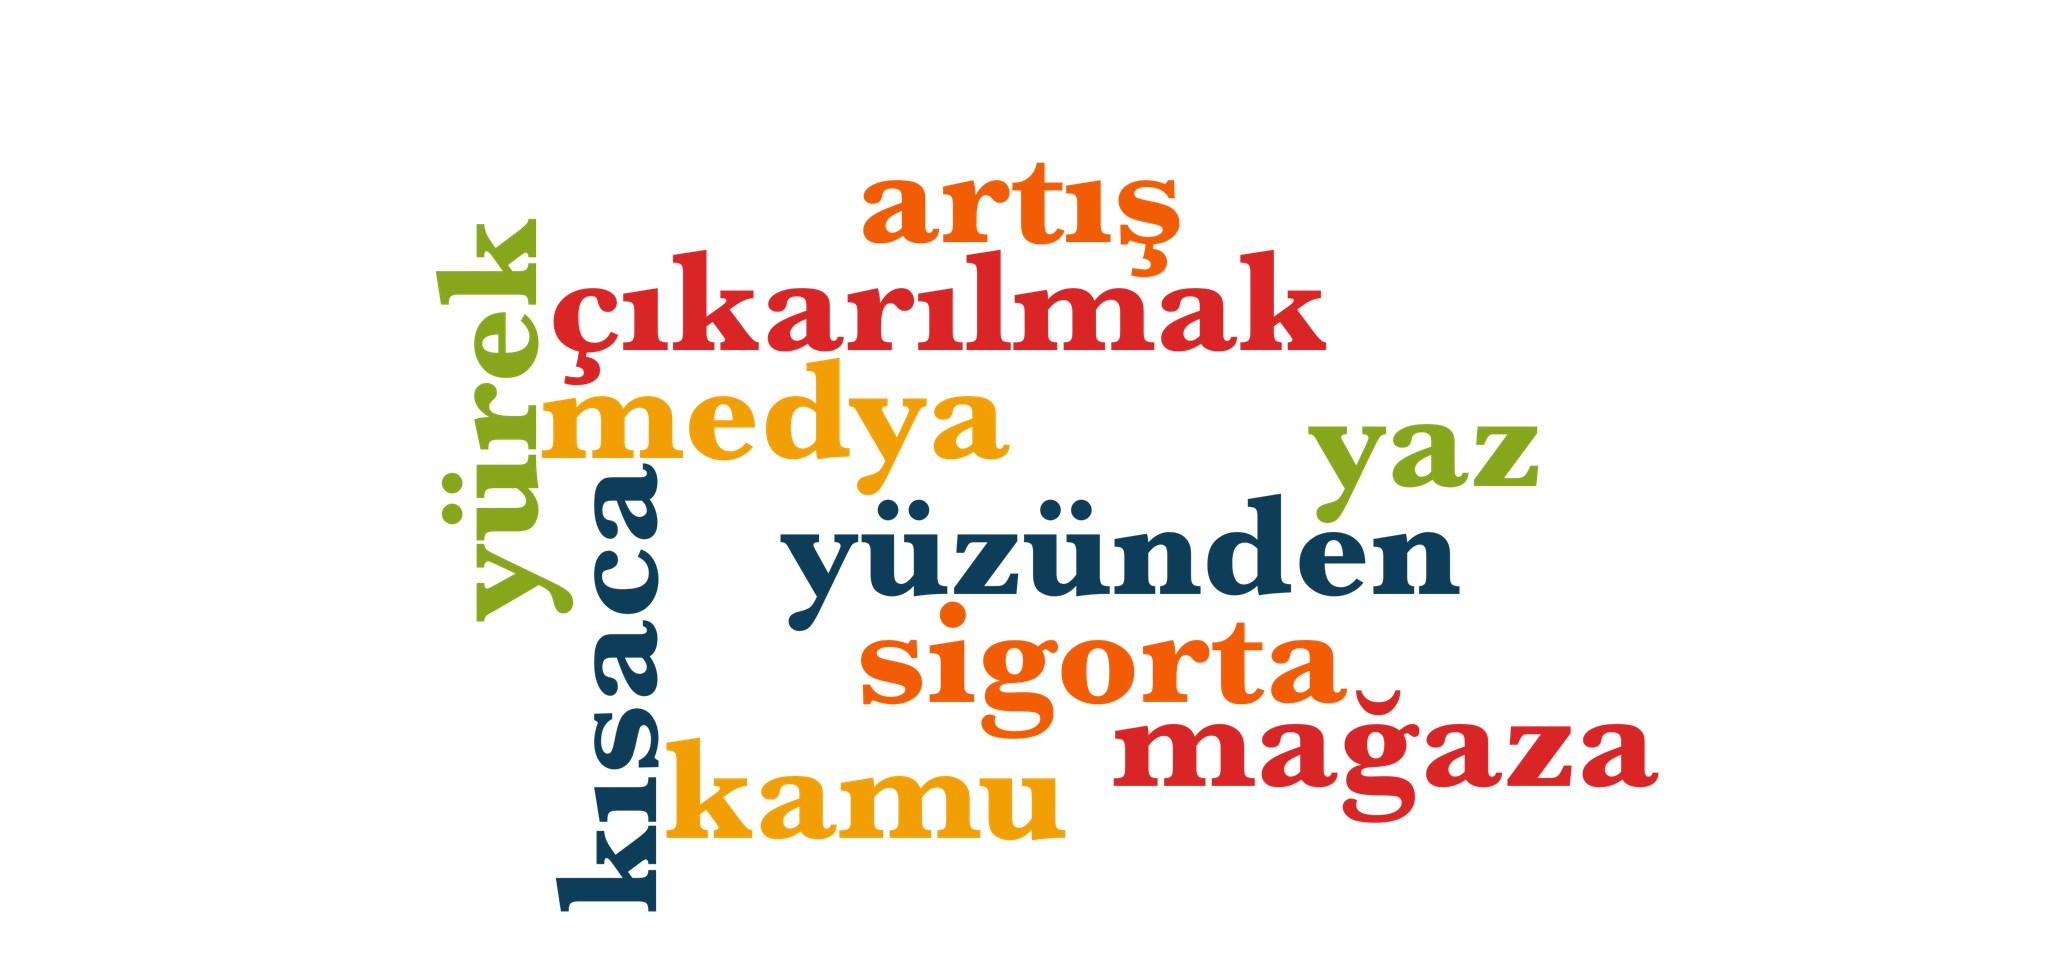 Wörter 851 bis 860 der 1000 häufigsten Wörter der türkischen Sprache